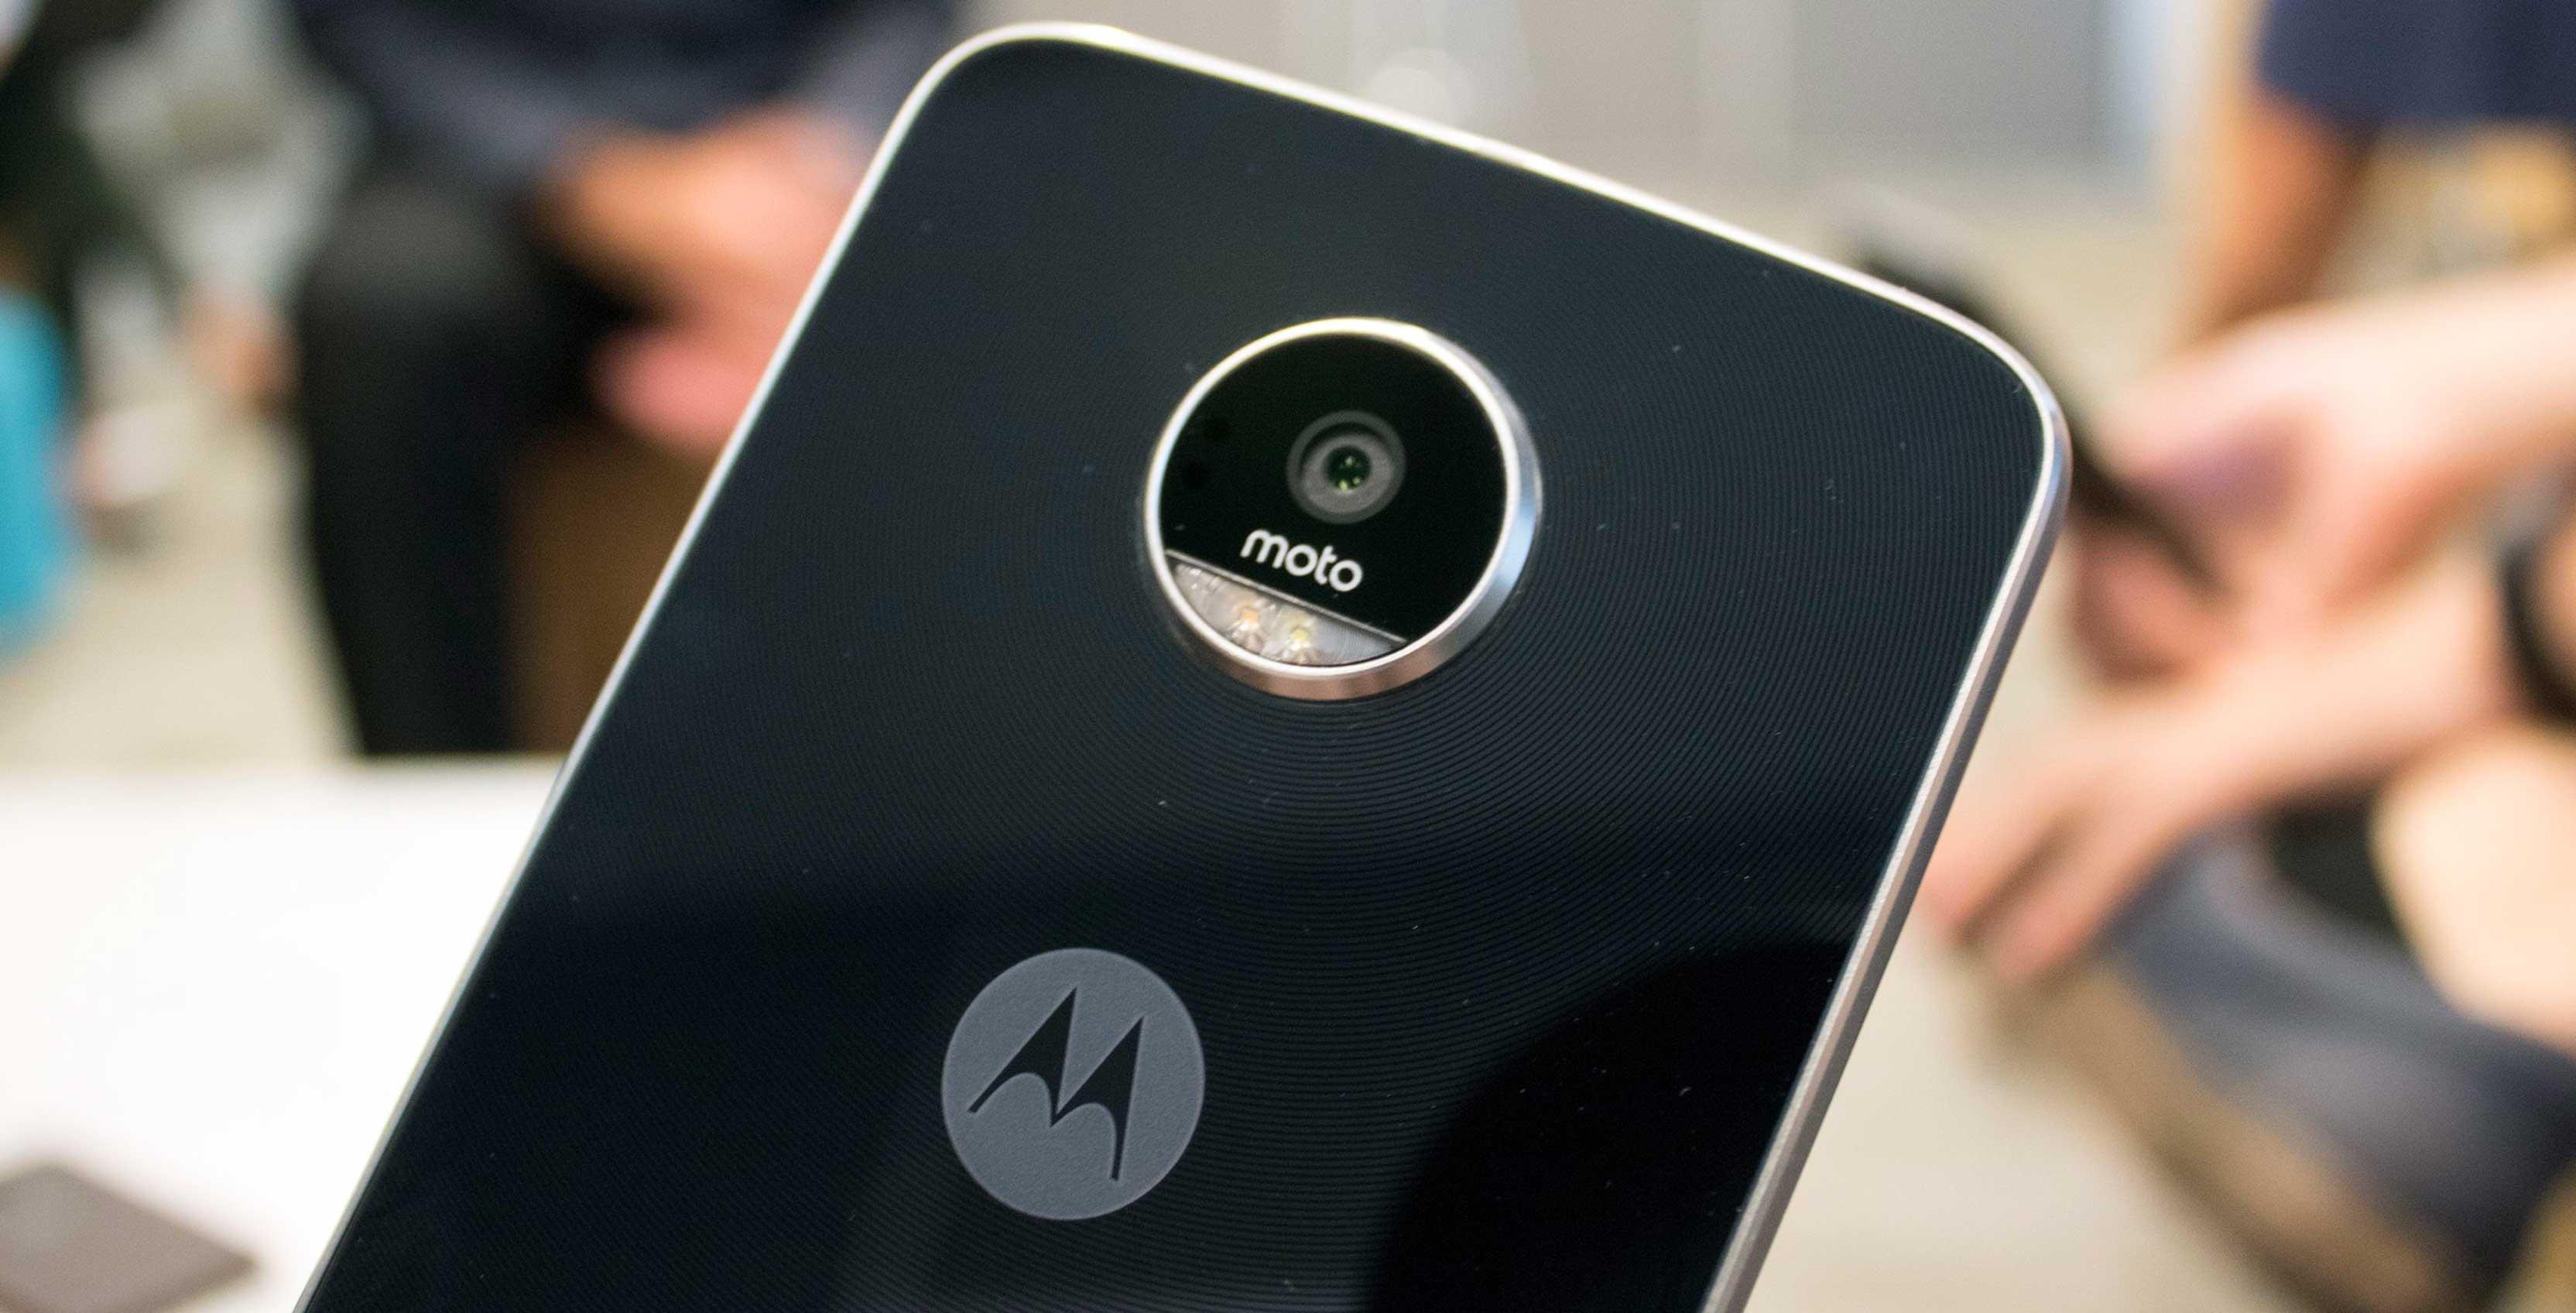 Motorola back of phone with logo